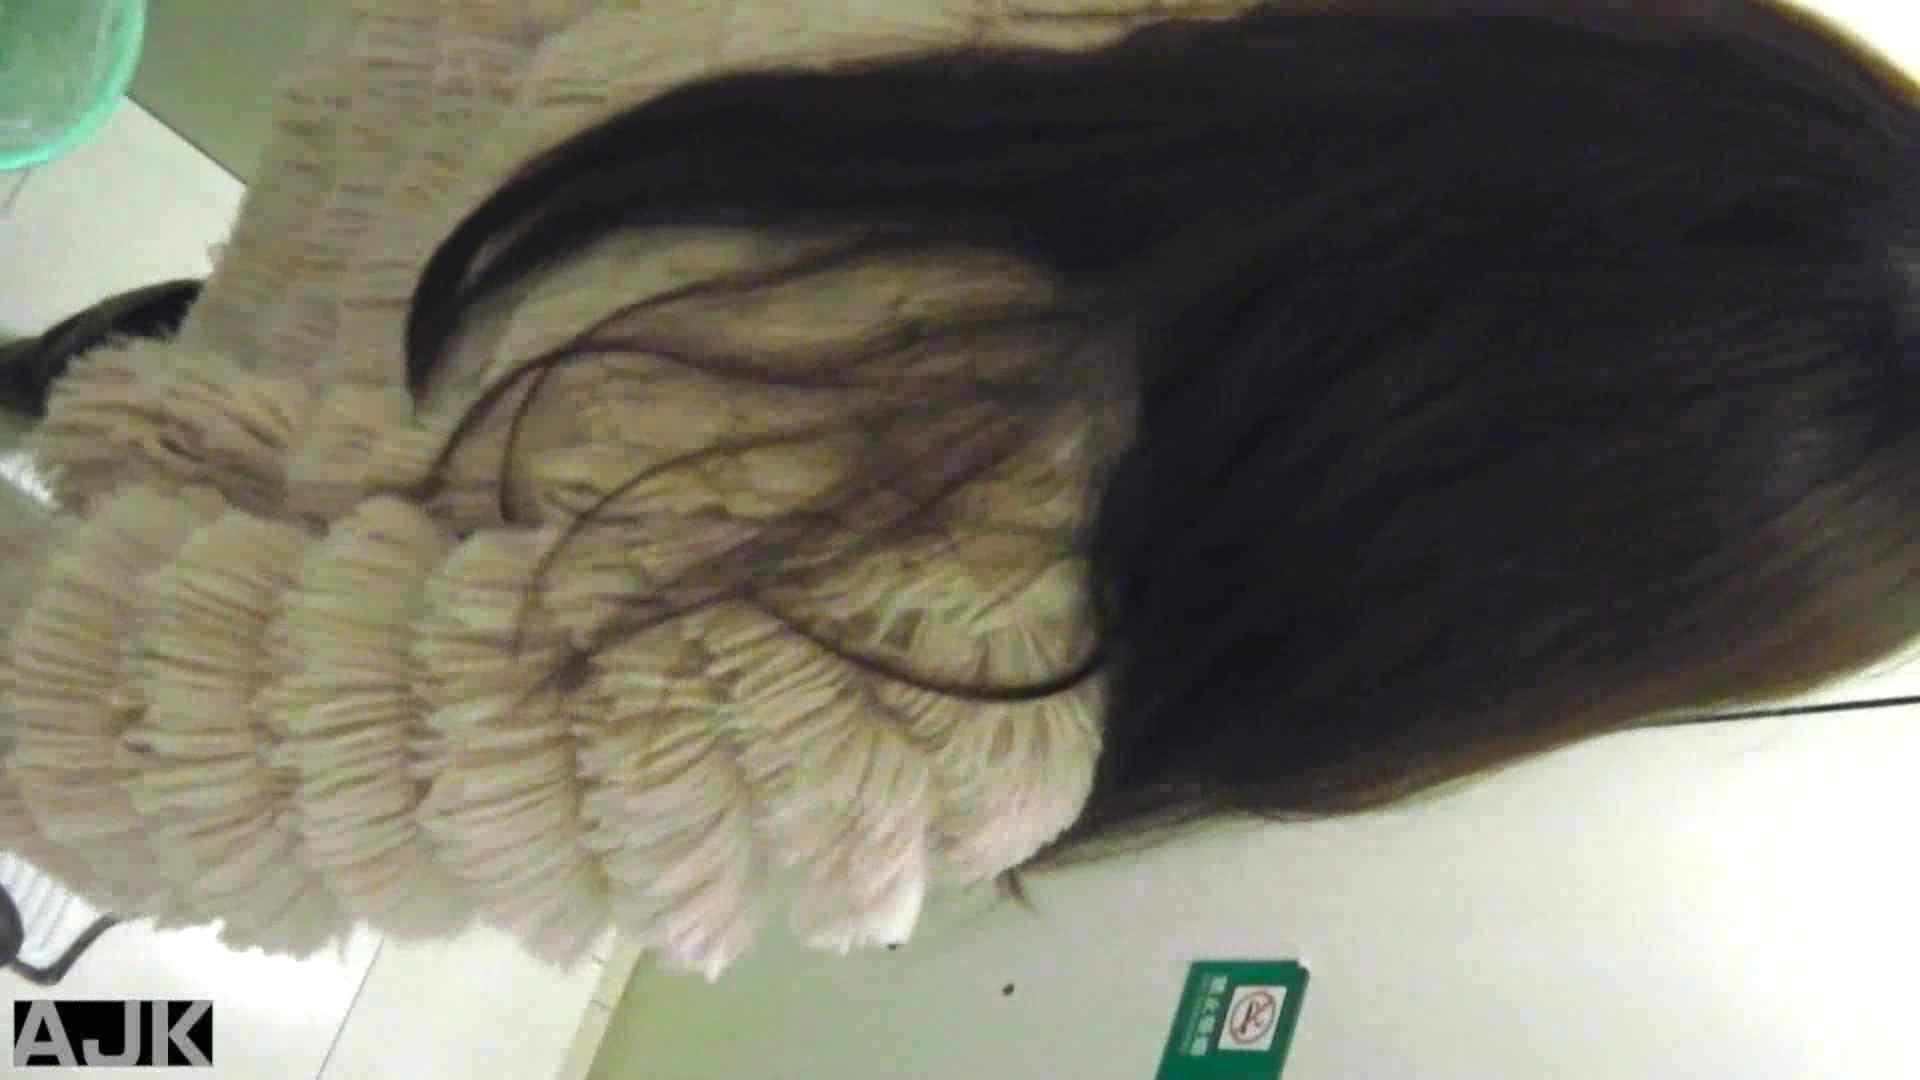 隣国上階級エリアの令嬢たちが集うデパートお手洗い Vol.12 お手洗い  42pic 2